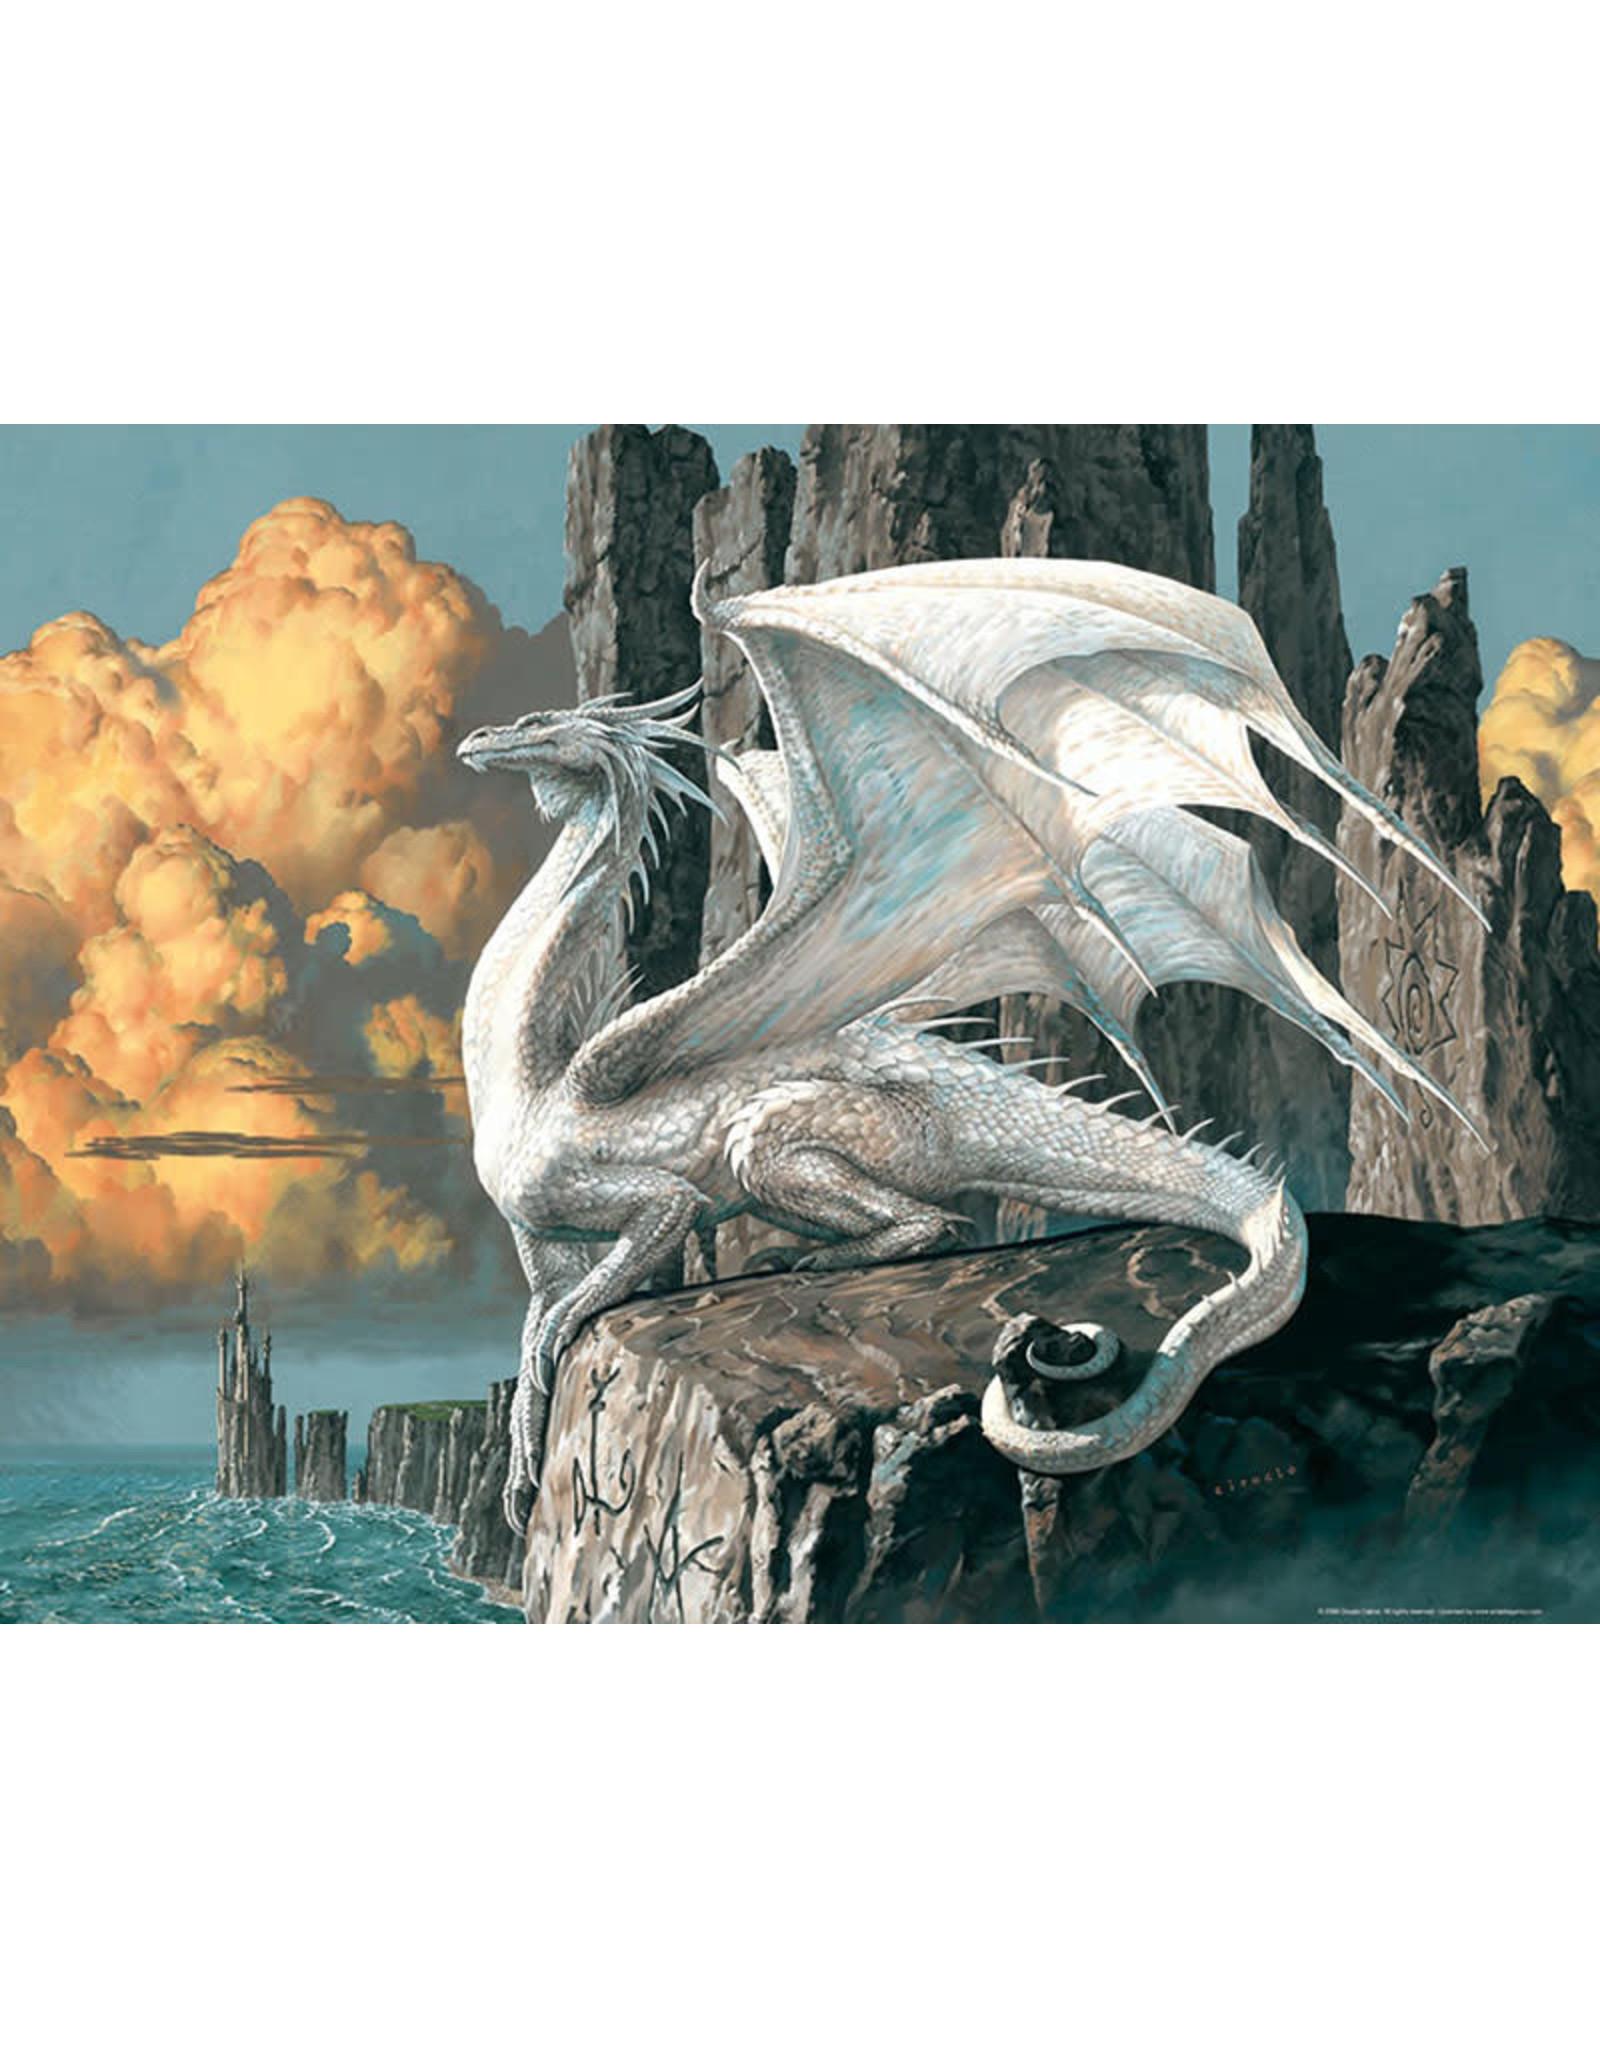 Ravensburger 1000 pcs. Dragon Puzzle